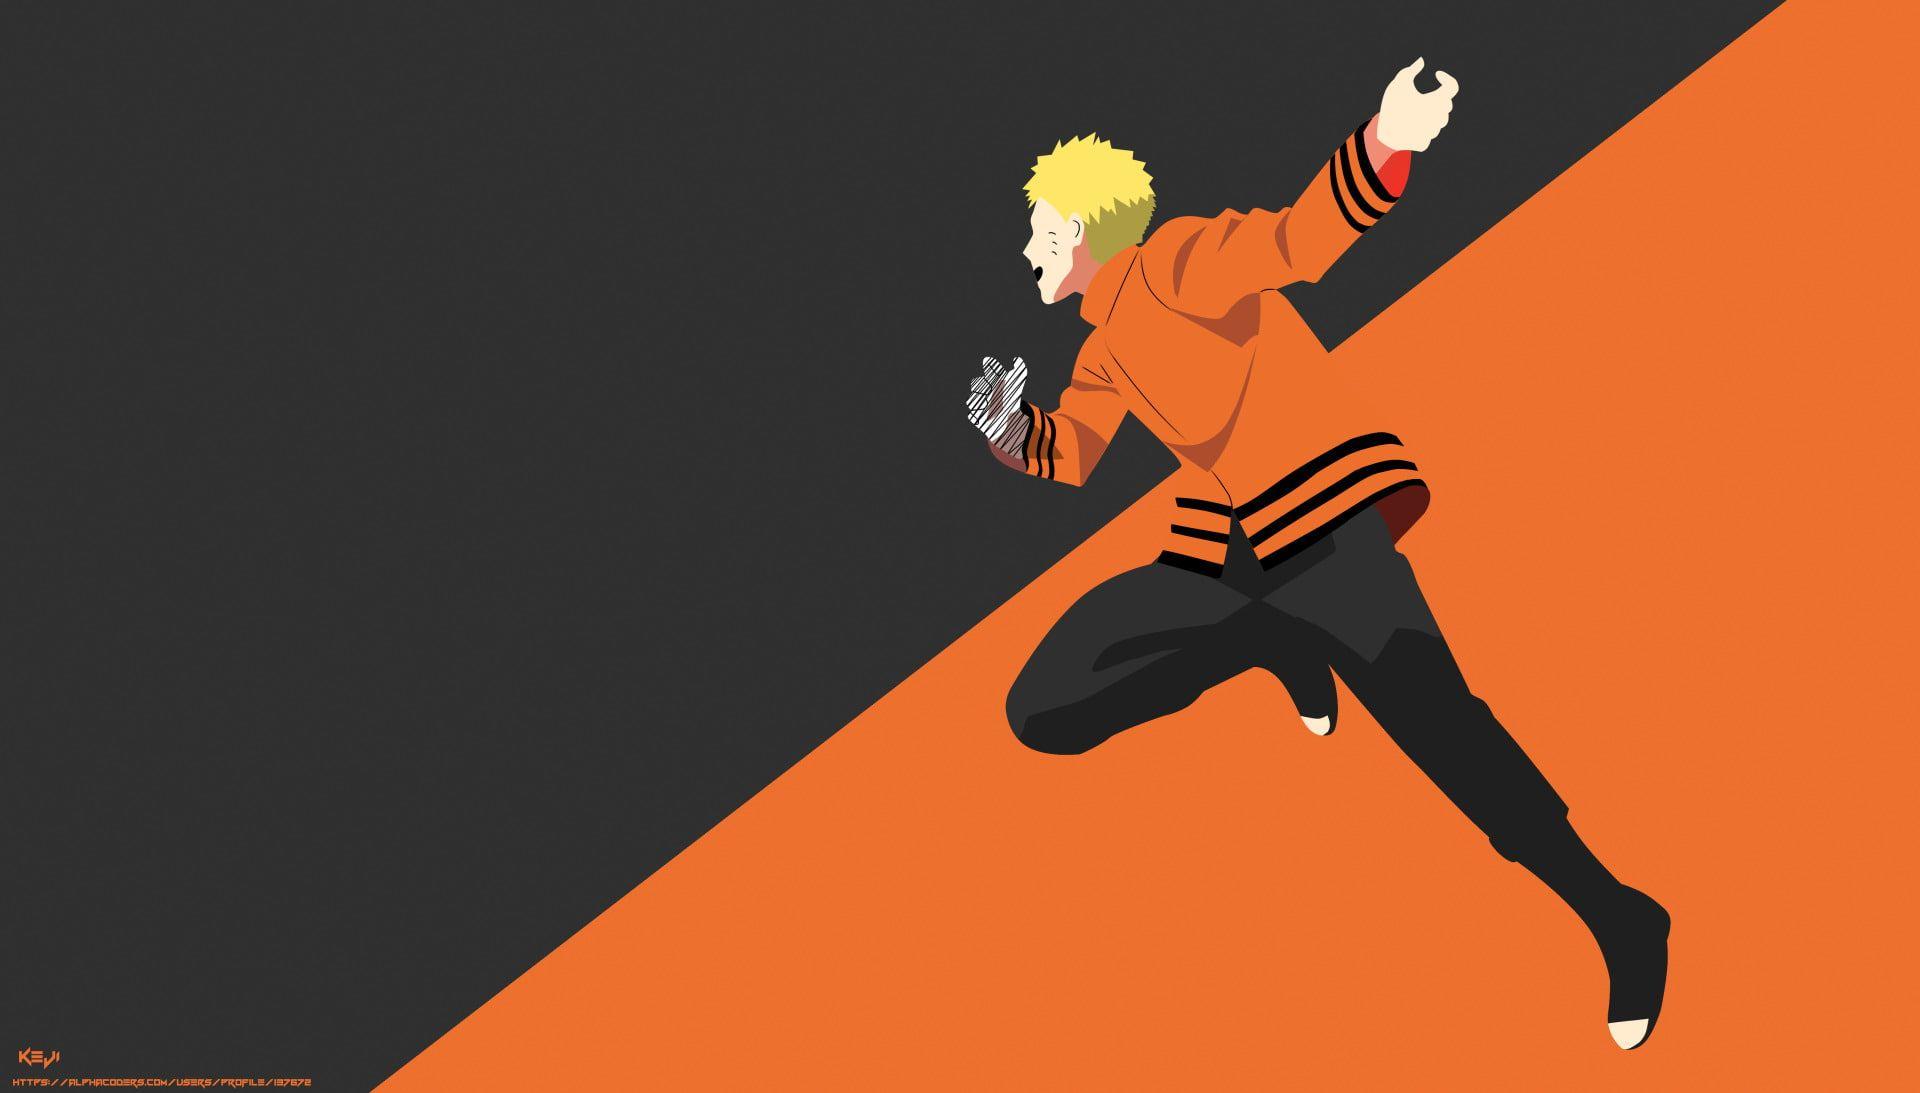 Anime Boruto Blonde Boruto Anime Boy Hokage Naruto Naruto Uzumaki 1080p Wallpaper Hdwallpaper Desktop In 2021 Anime Wallpaper Naruto Wallpaper Anime